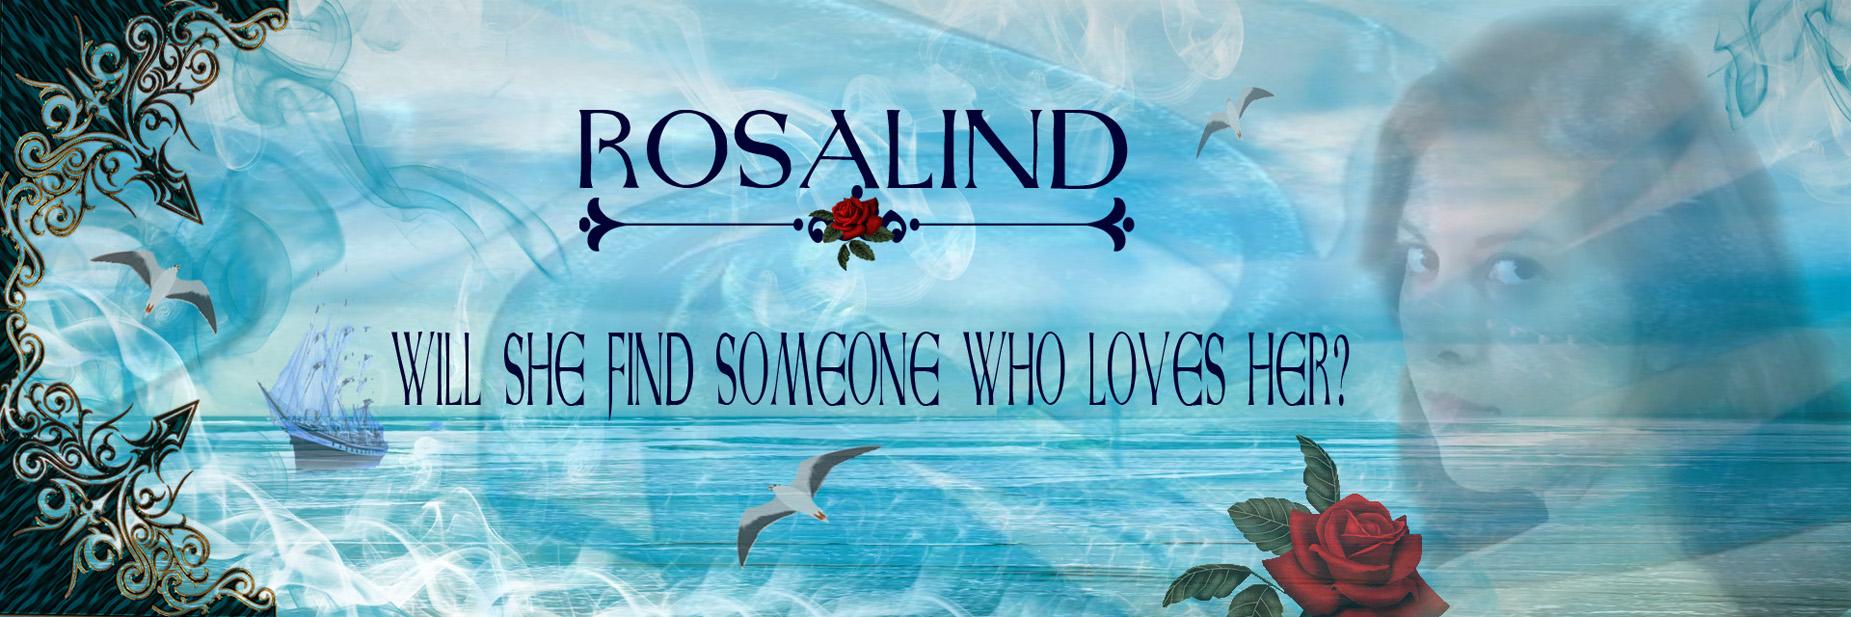 Header Rosalind